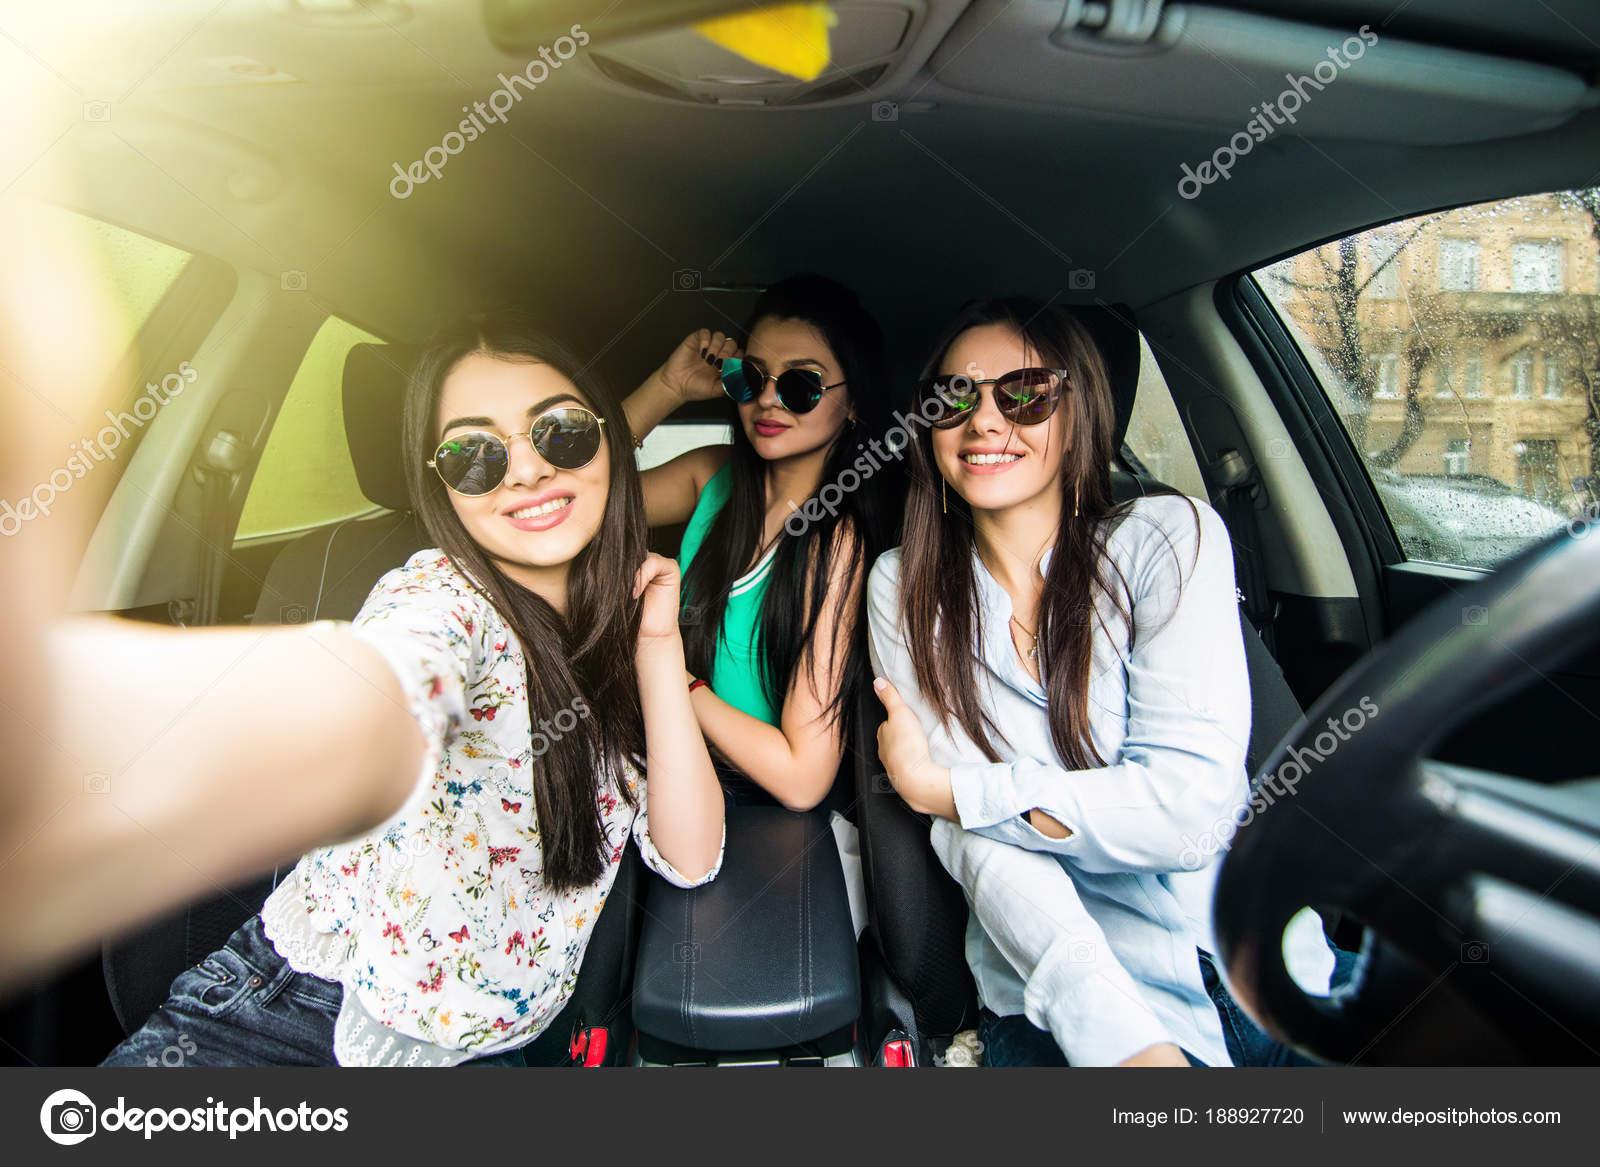 Drei Junge Fröhliche Frauen Machen Selfie Und Lächelnd Beim Sitzen